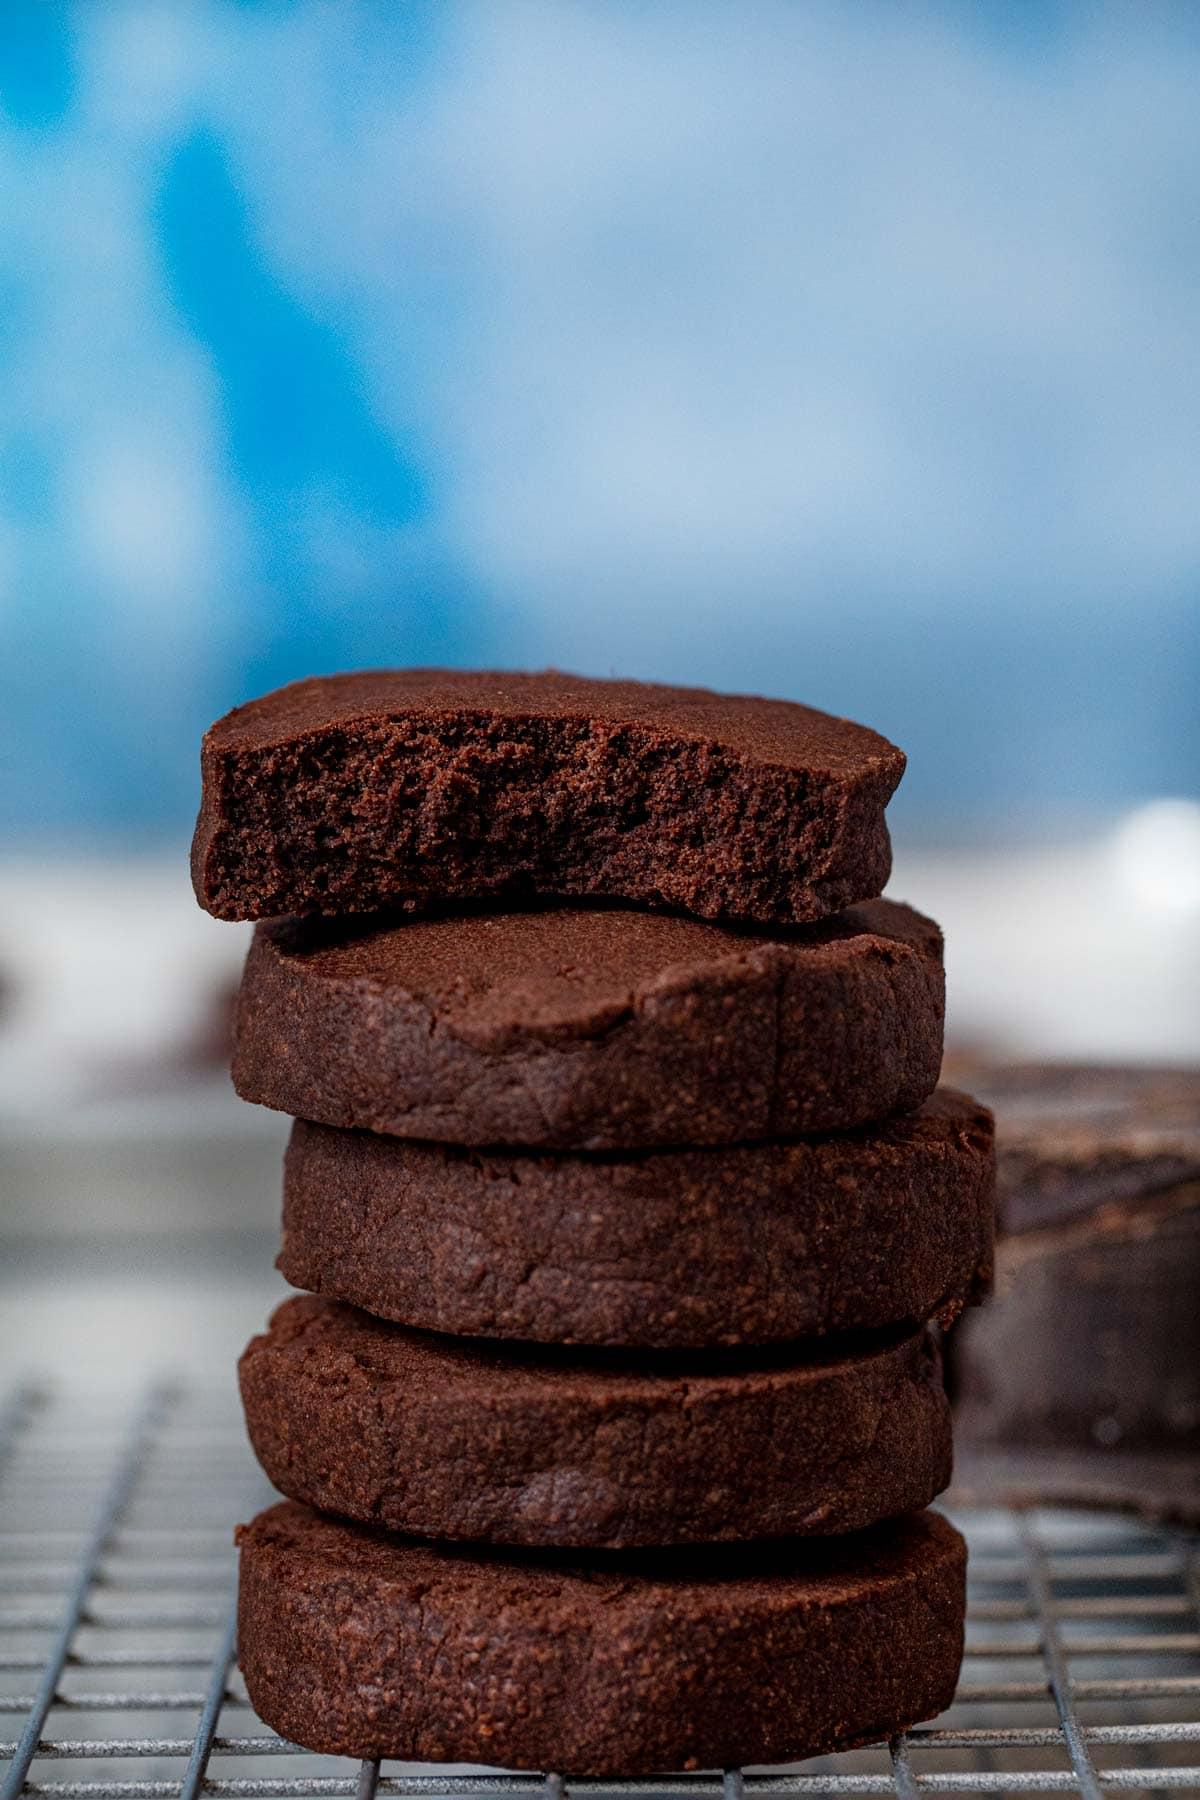 Chocolate Shortbread Cookie bitten in half